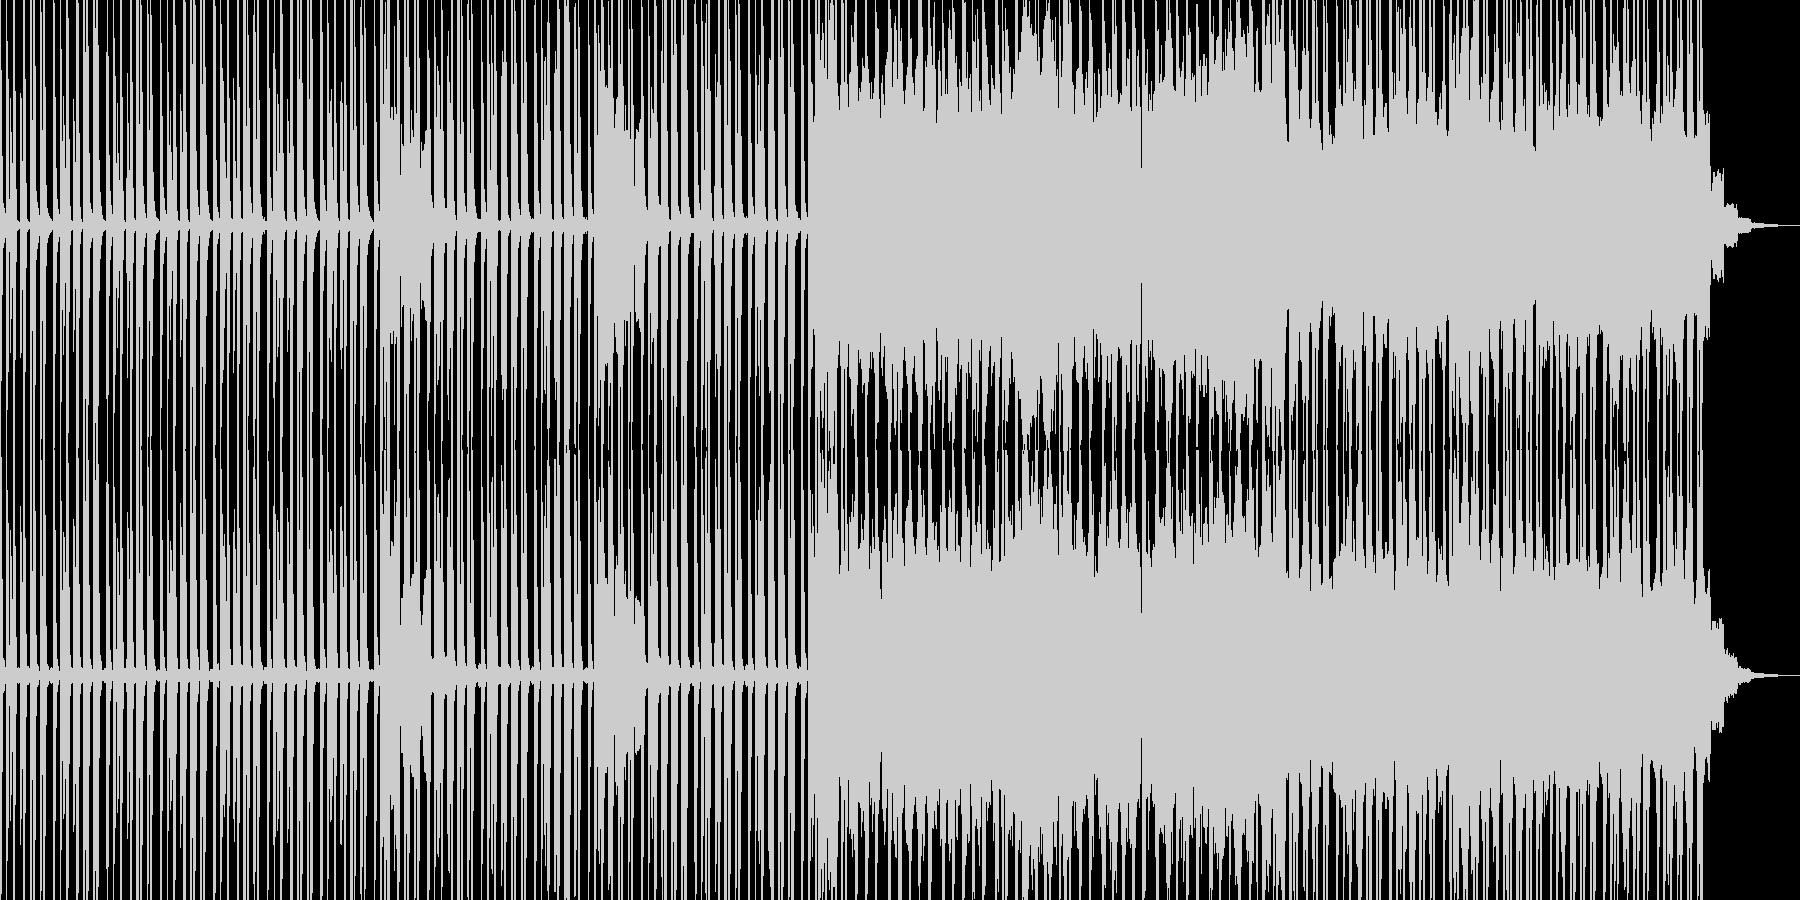 晴れの日にお散歩的なBGM_BGM006の未再生の波形